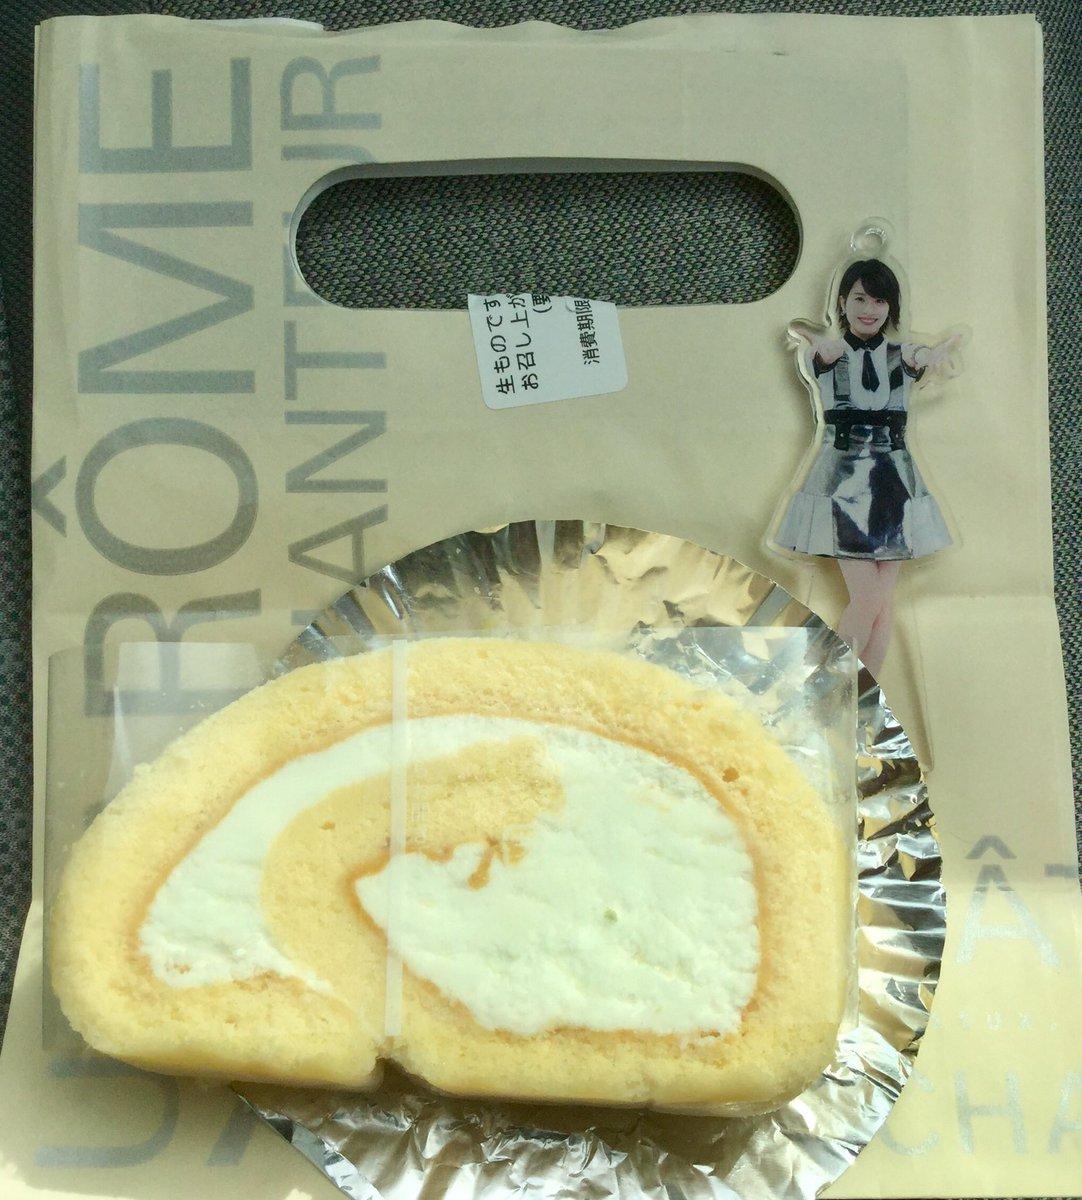 test ツイッターメディア - 芋けんぴで有名な水車亭でロールケーキを買ってみたよきっきちゃん https://t.co/IGVAlgOlEr